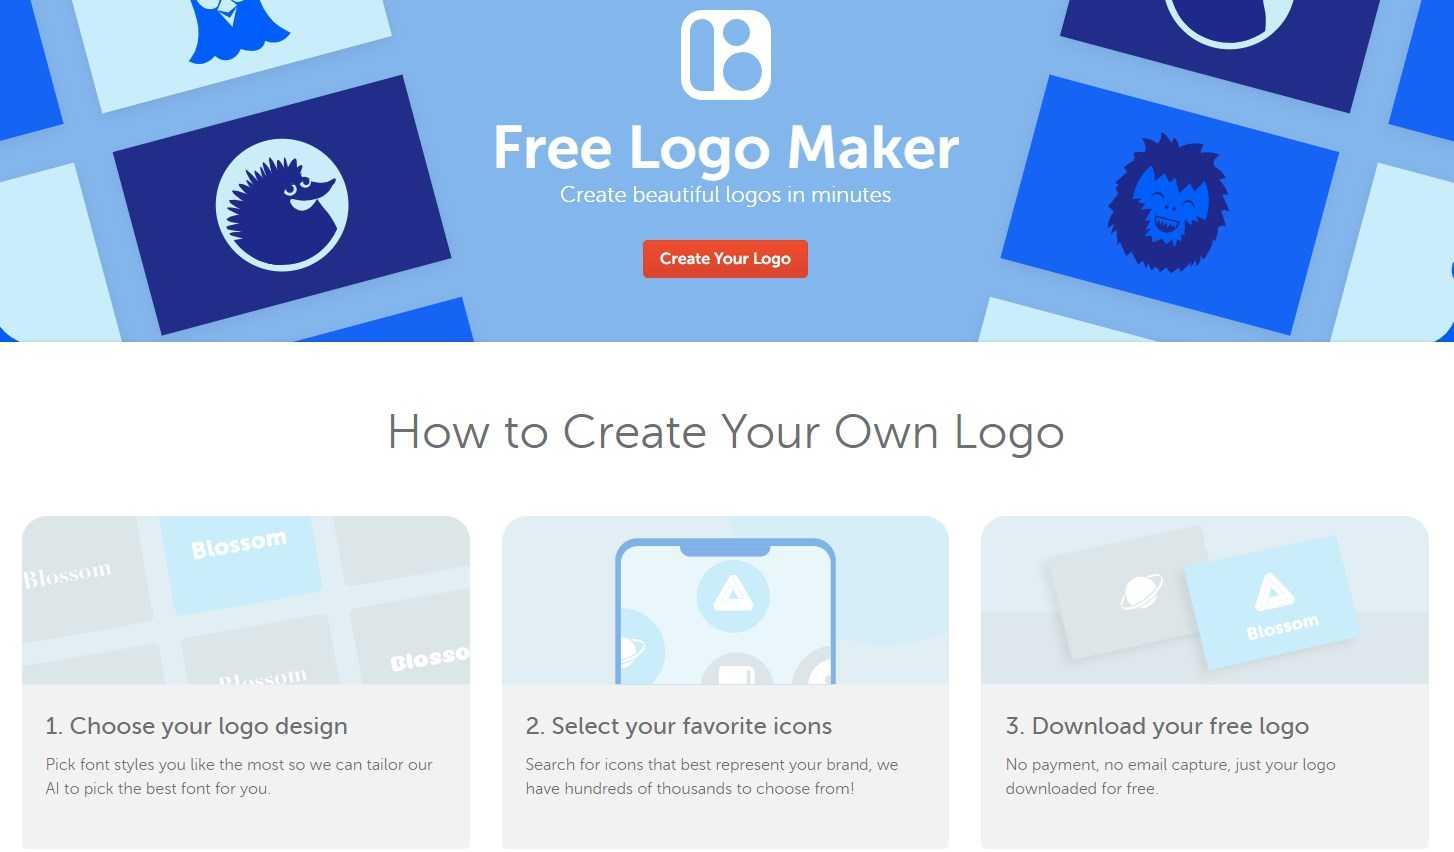 membuat logo gratis